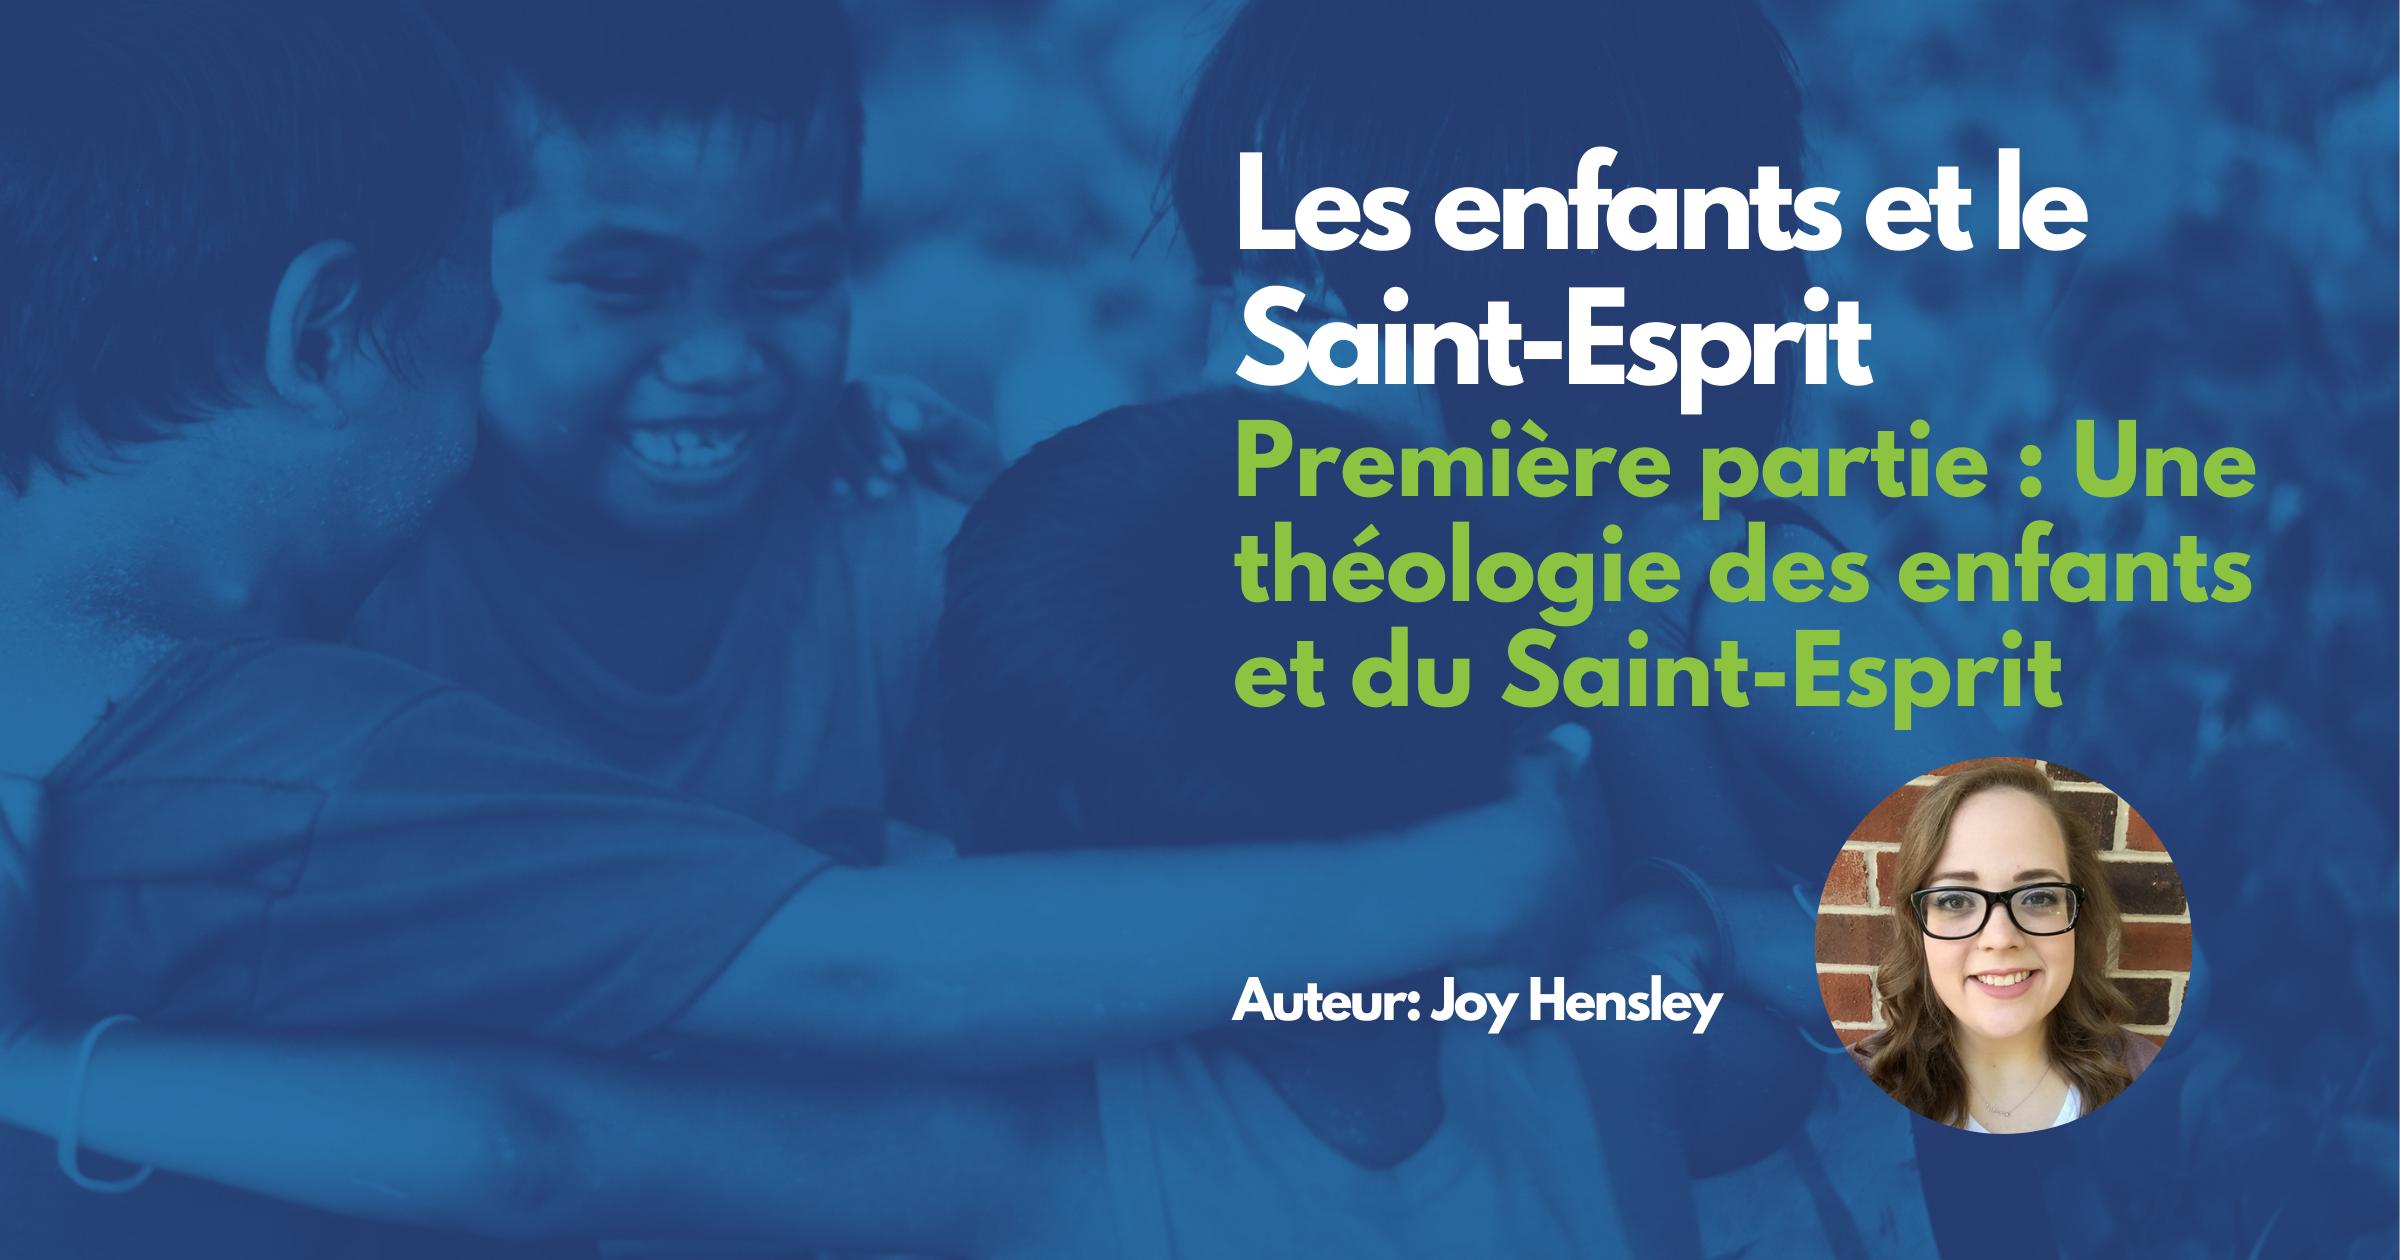 Une théologie des enfants et du Saint-Esprit